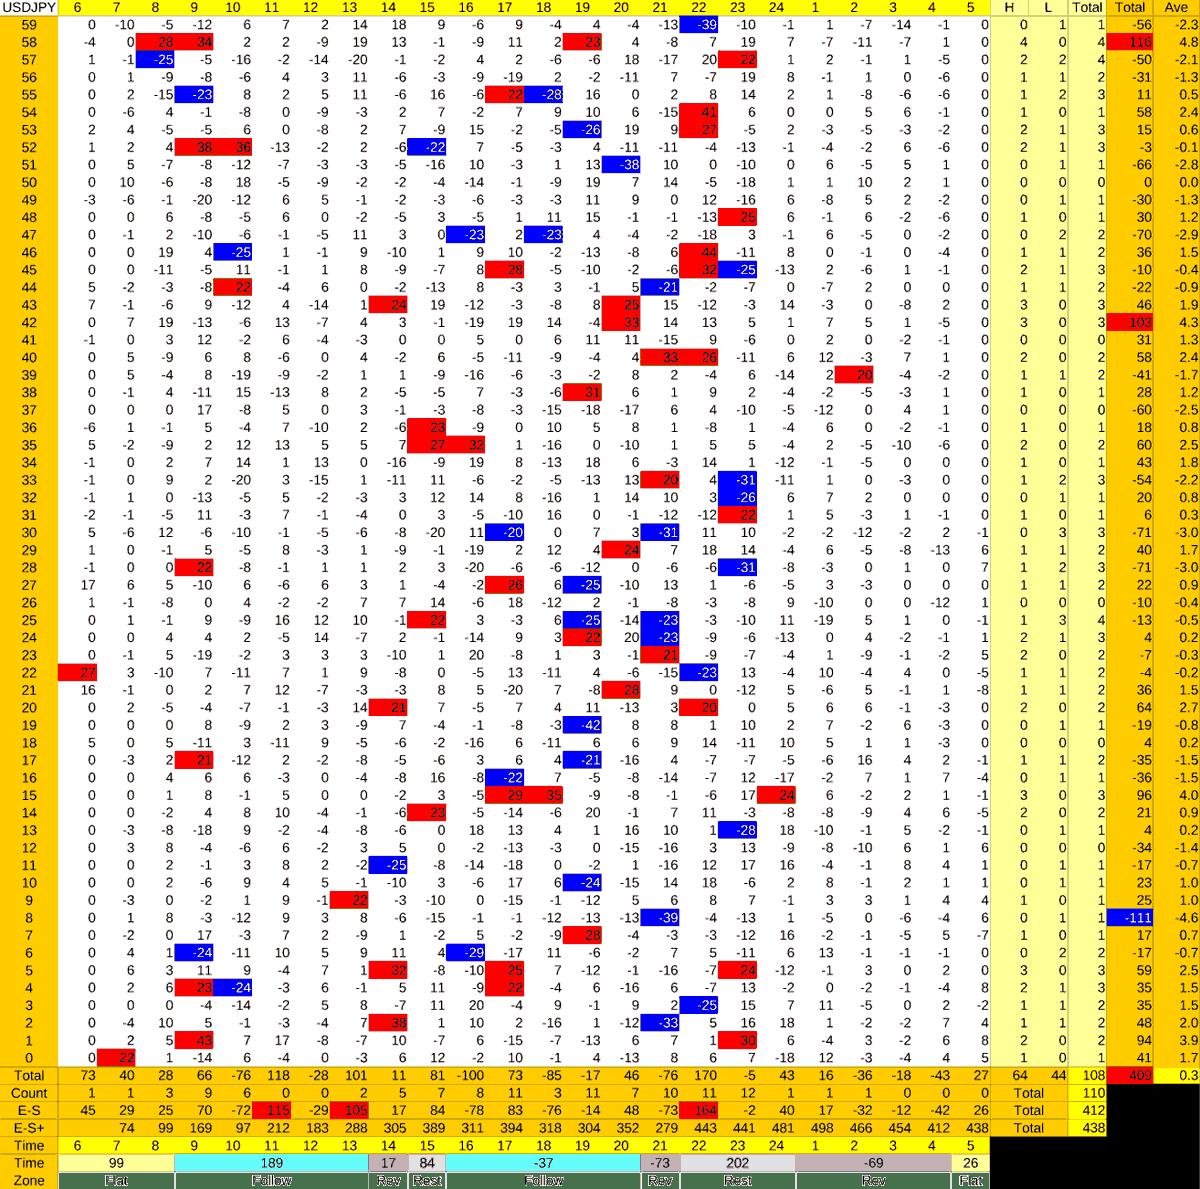 20210709_HS(1)USDJPY